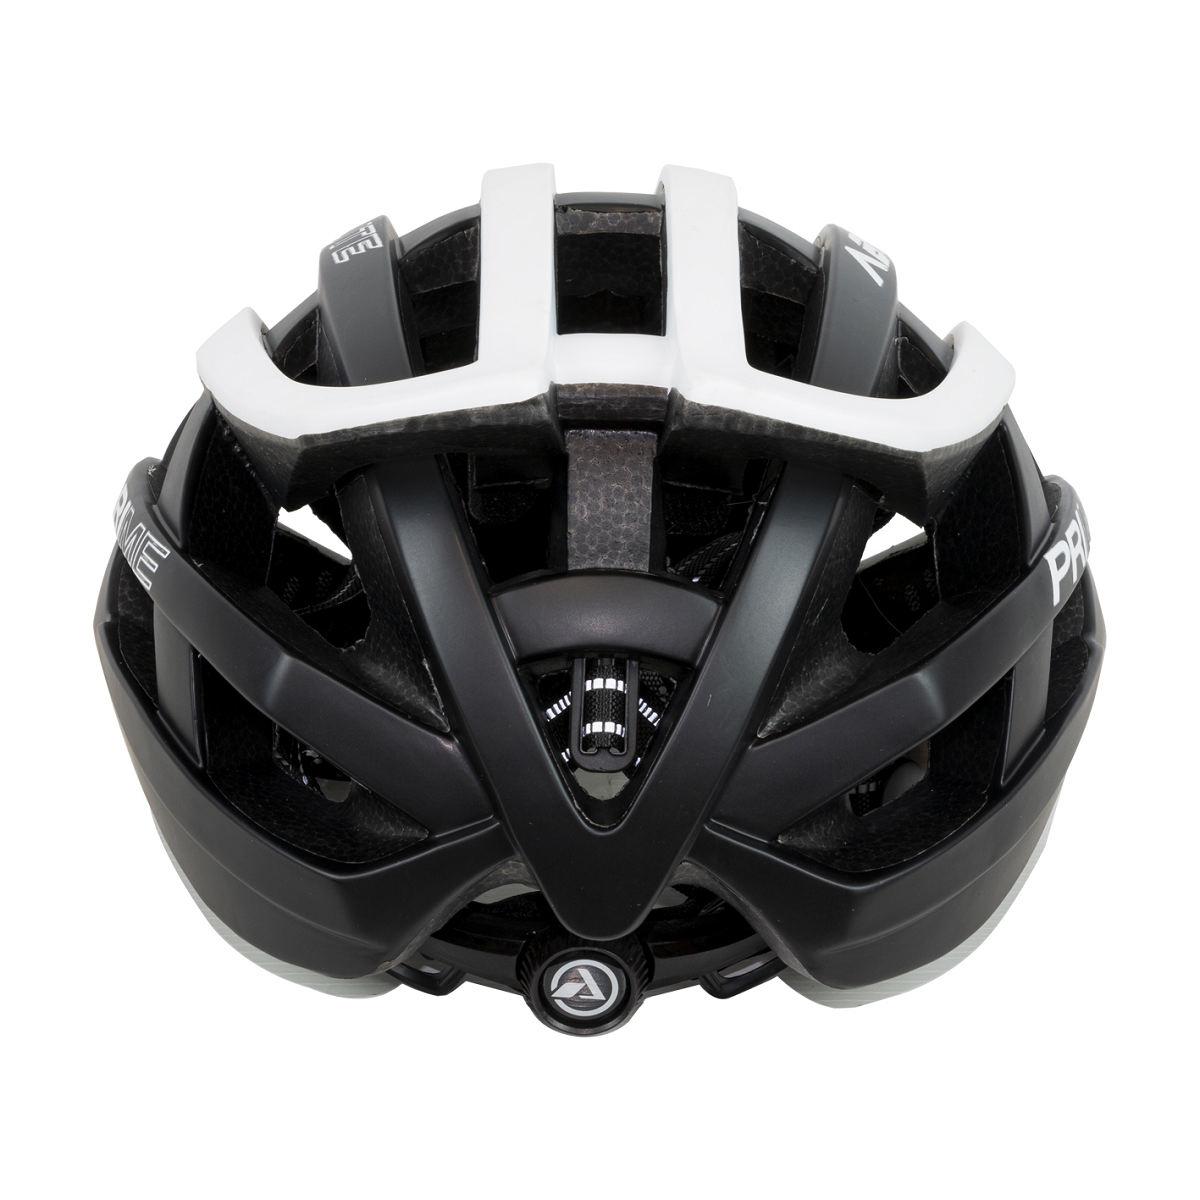 Capacete Bike MTB Speed Ciclismo Absolute Prime - Preto / Branco